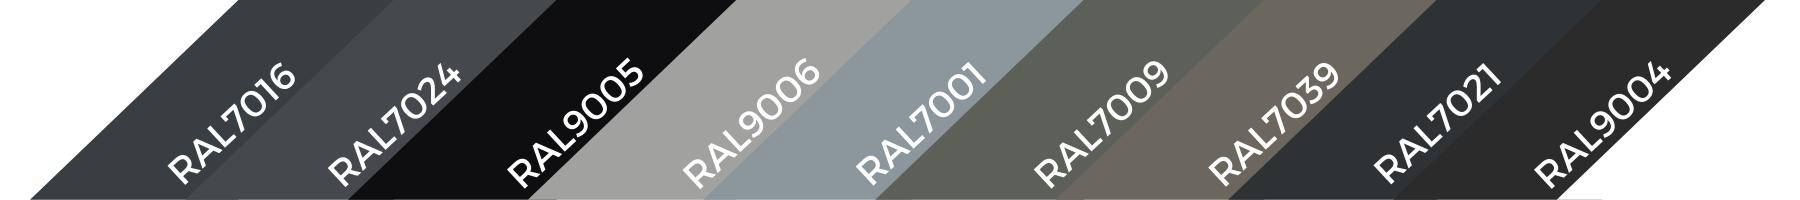 RAL7024 1 | Systemy przeciwśniegowe I Komunikacja Dachowa I Fasady | CEDA